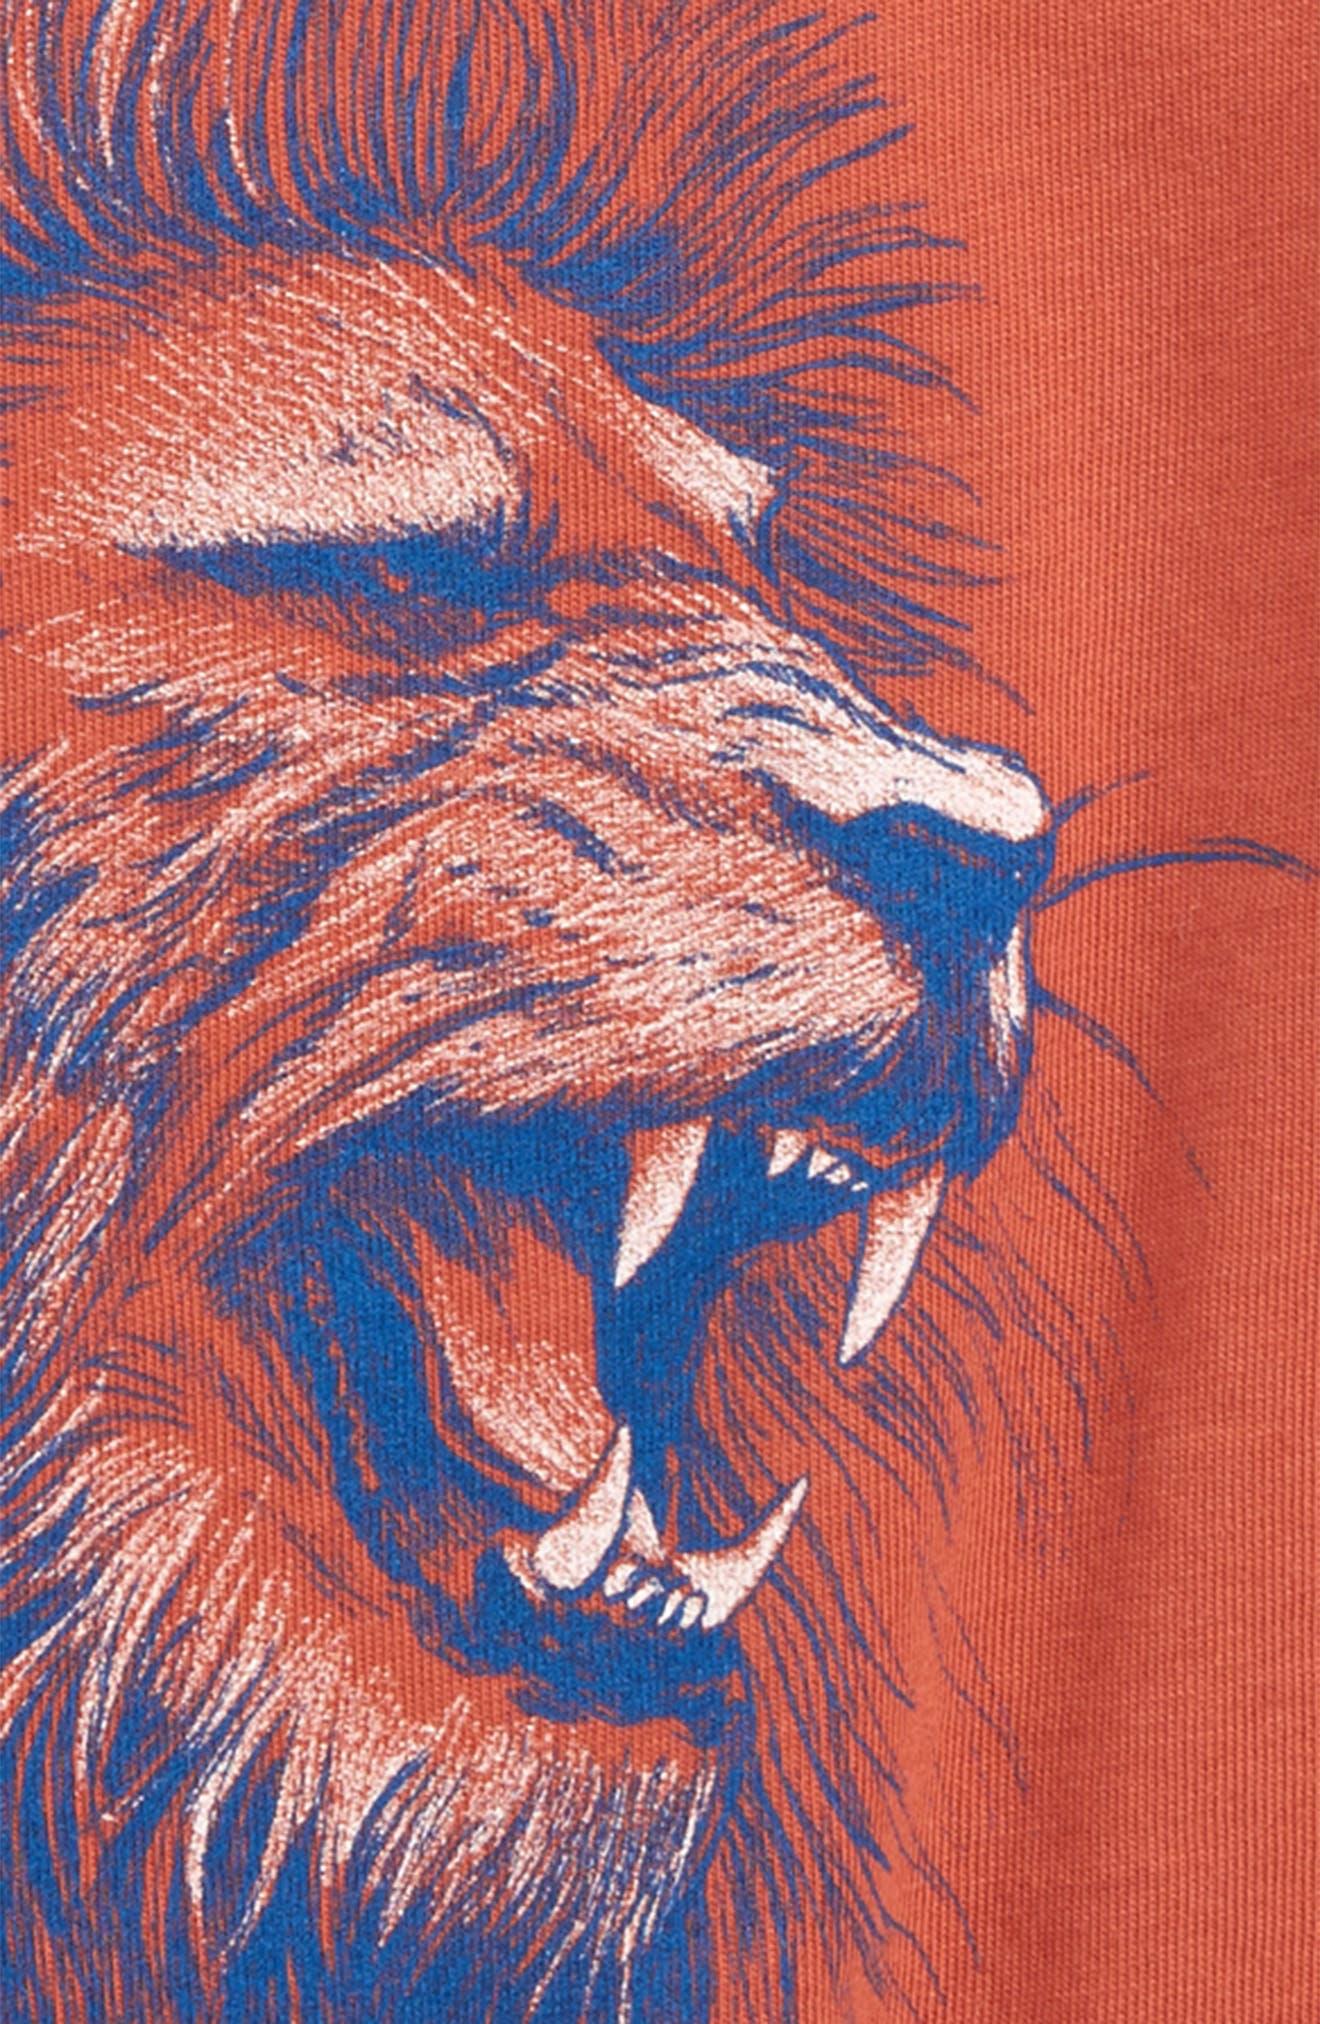 Lion Graphic T-Shirt,                             Alternate thumbnail 3, color,                             Rust